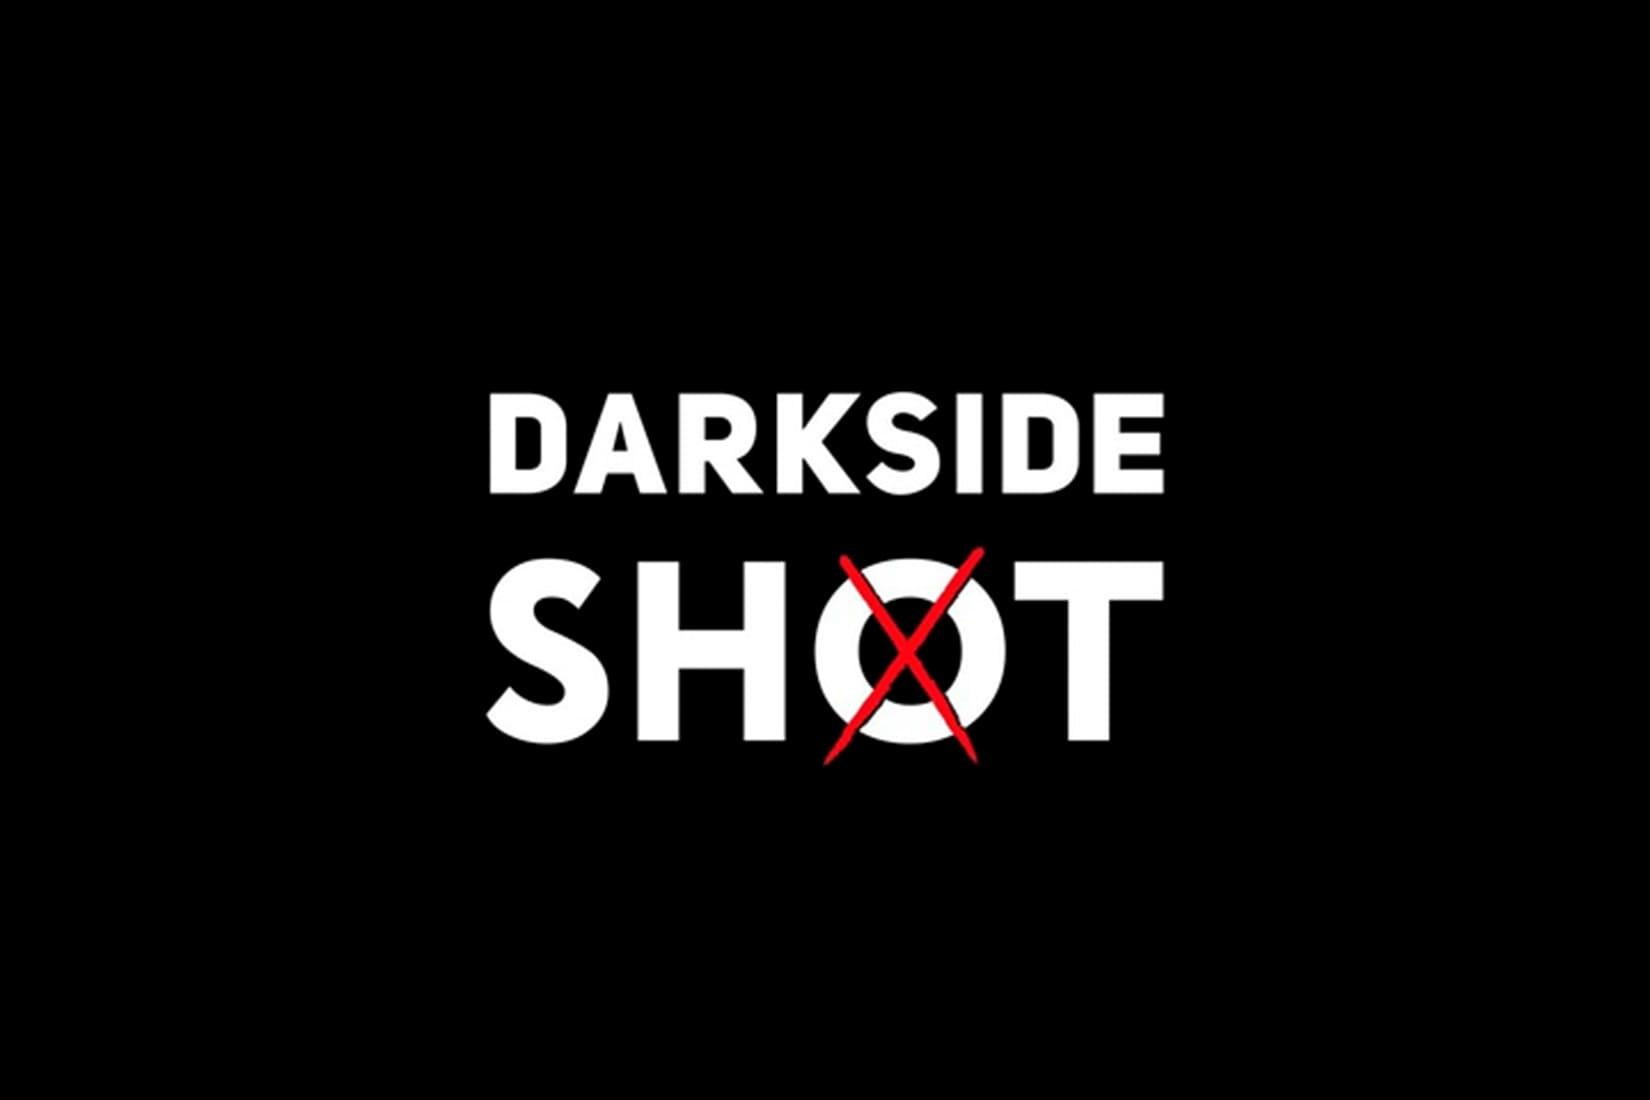 Табак для кальяна DarkSide SHOT: описание, вкусы, миксы, отзывы.